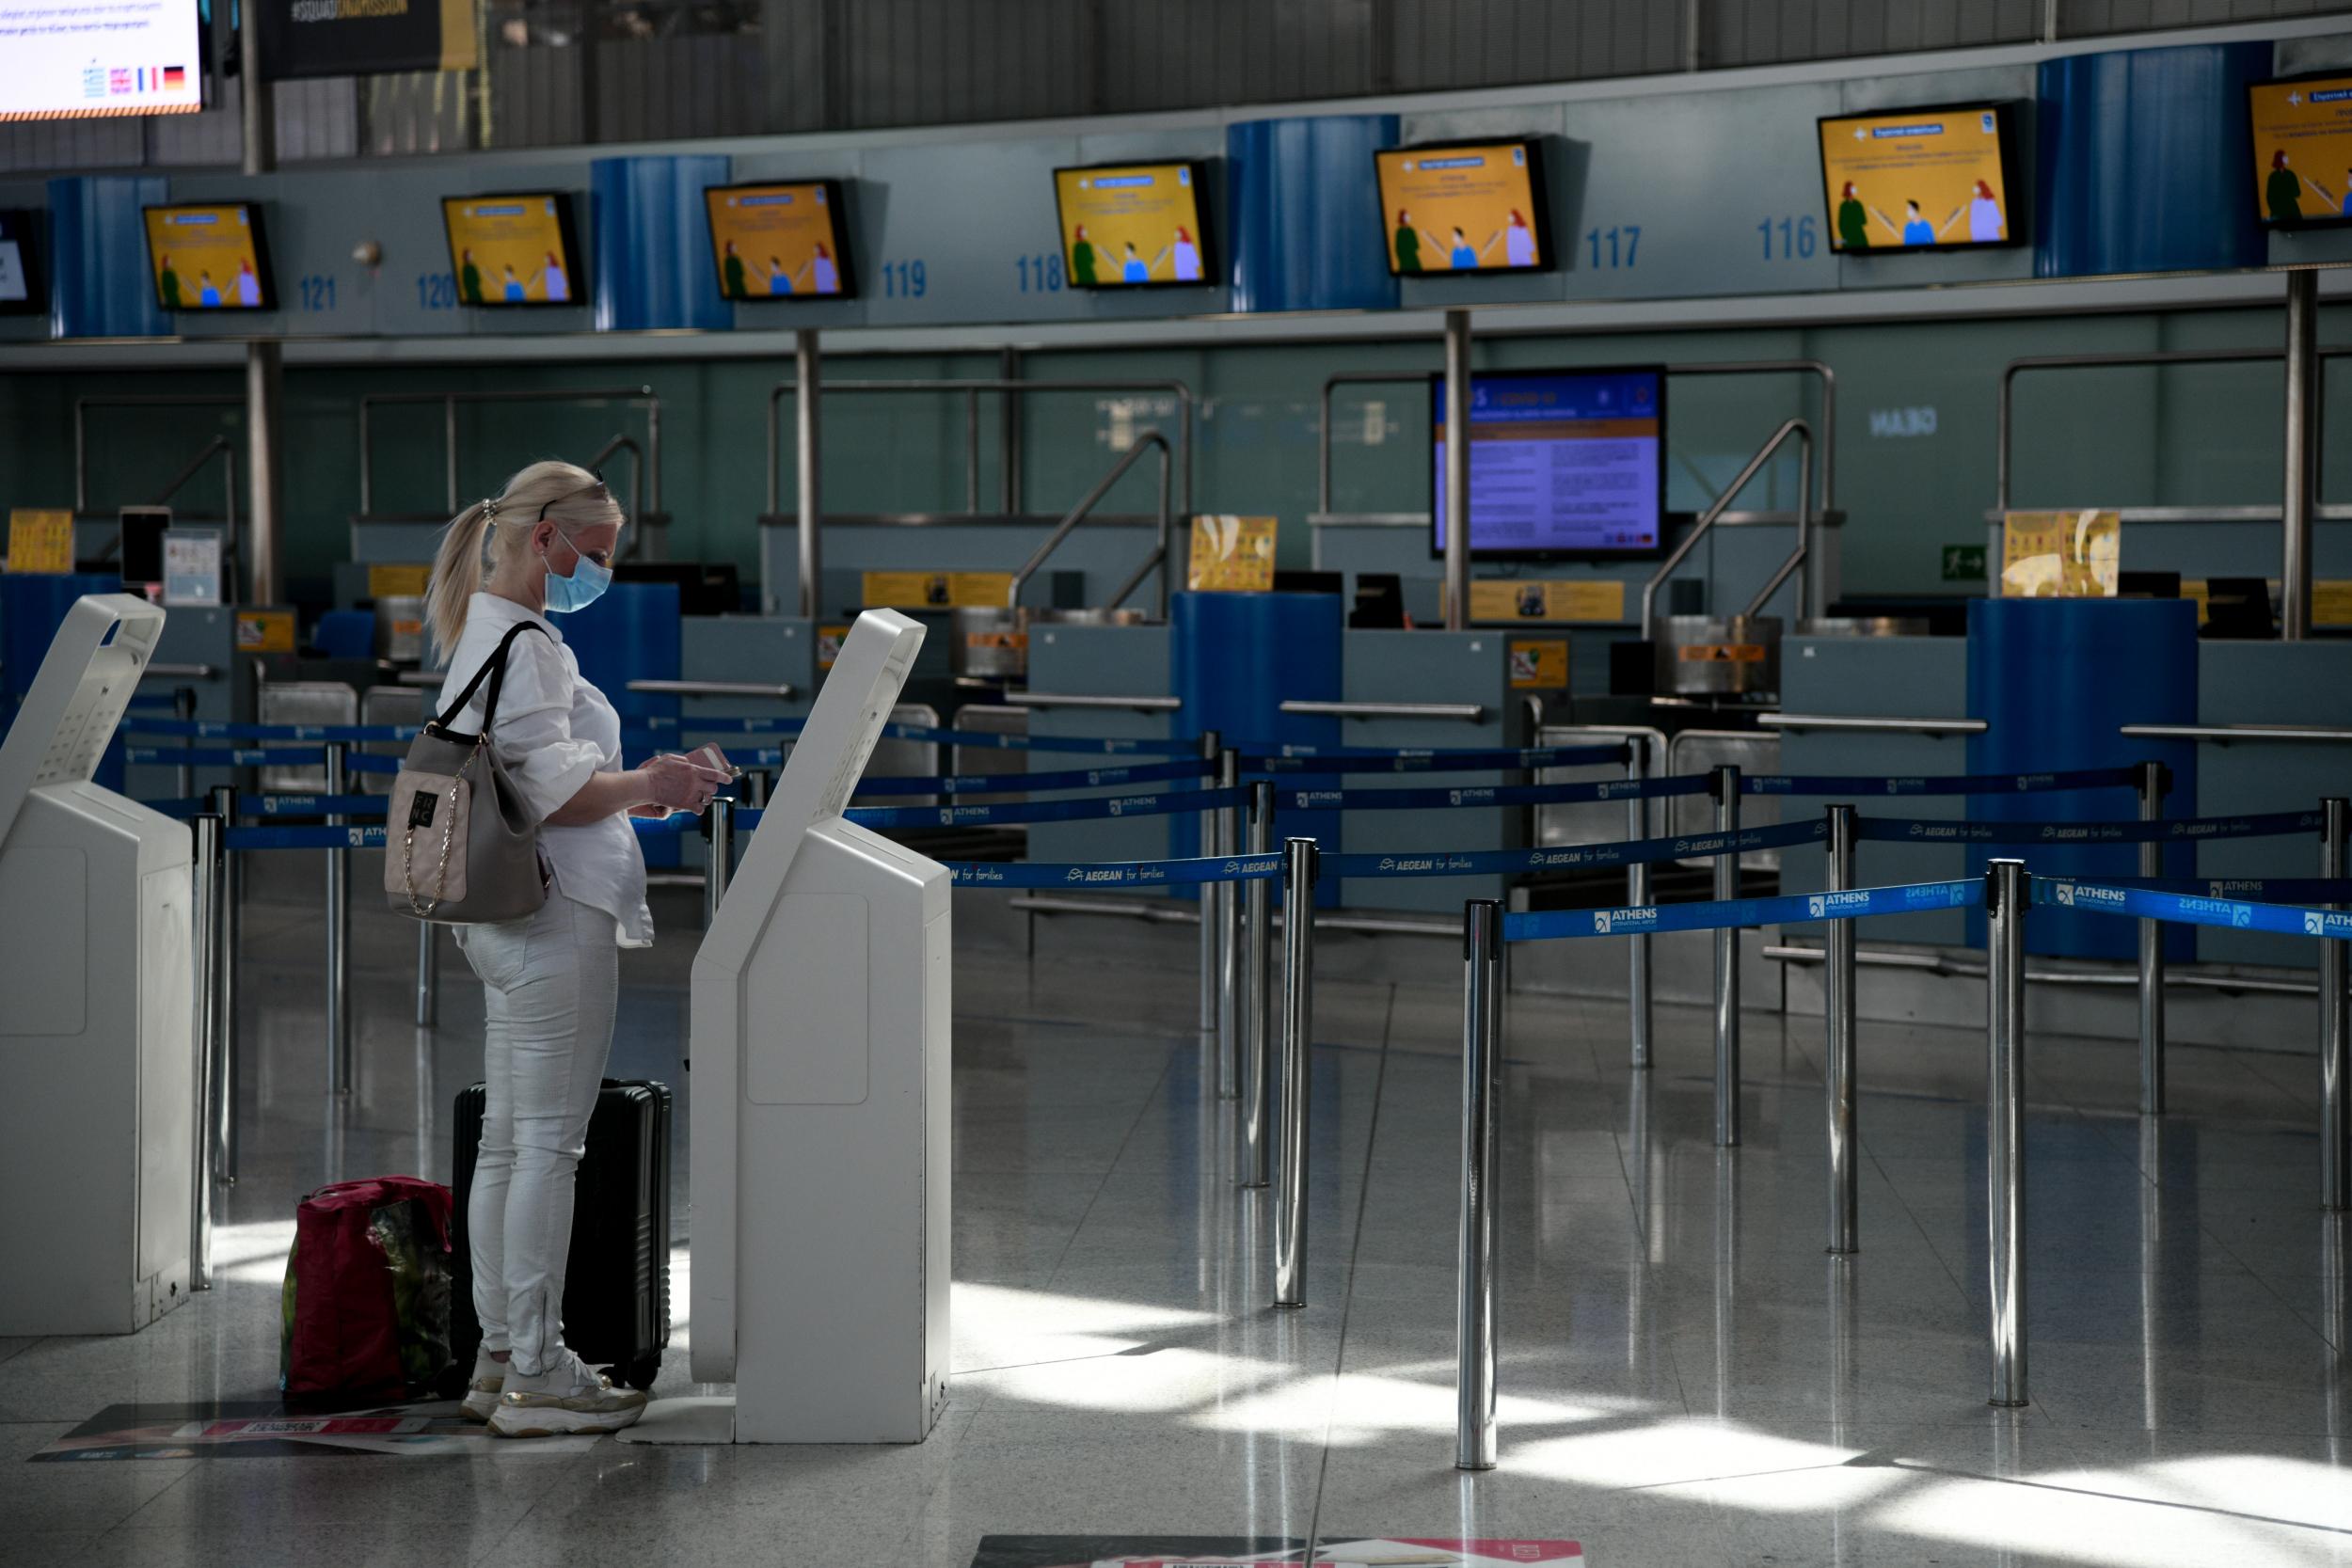 Καραντίνα πτήσεις εξωτερικό: Υποχρεωτική επταήμερη καραντίνα για όσους έρχονται από το εξωτερικό